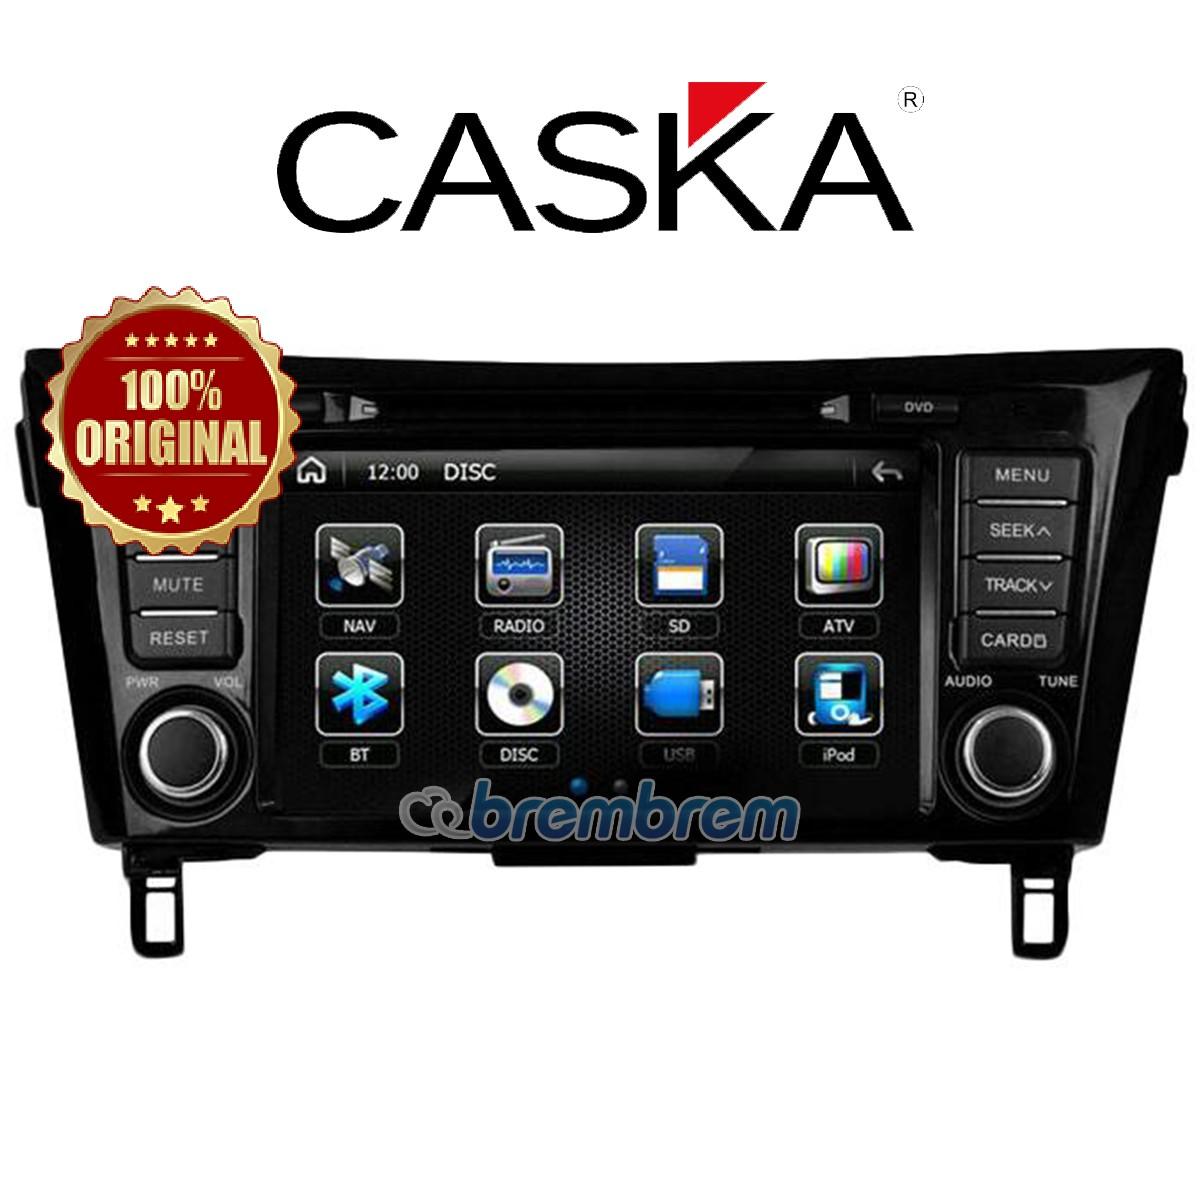 CASKA NISSAN XTRAIL (2014-2016) - HEADUNIT OEM